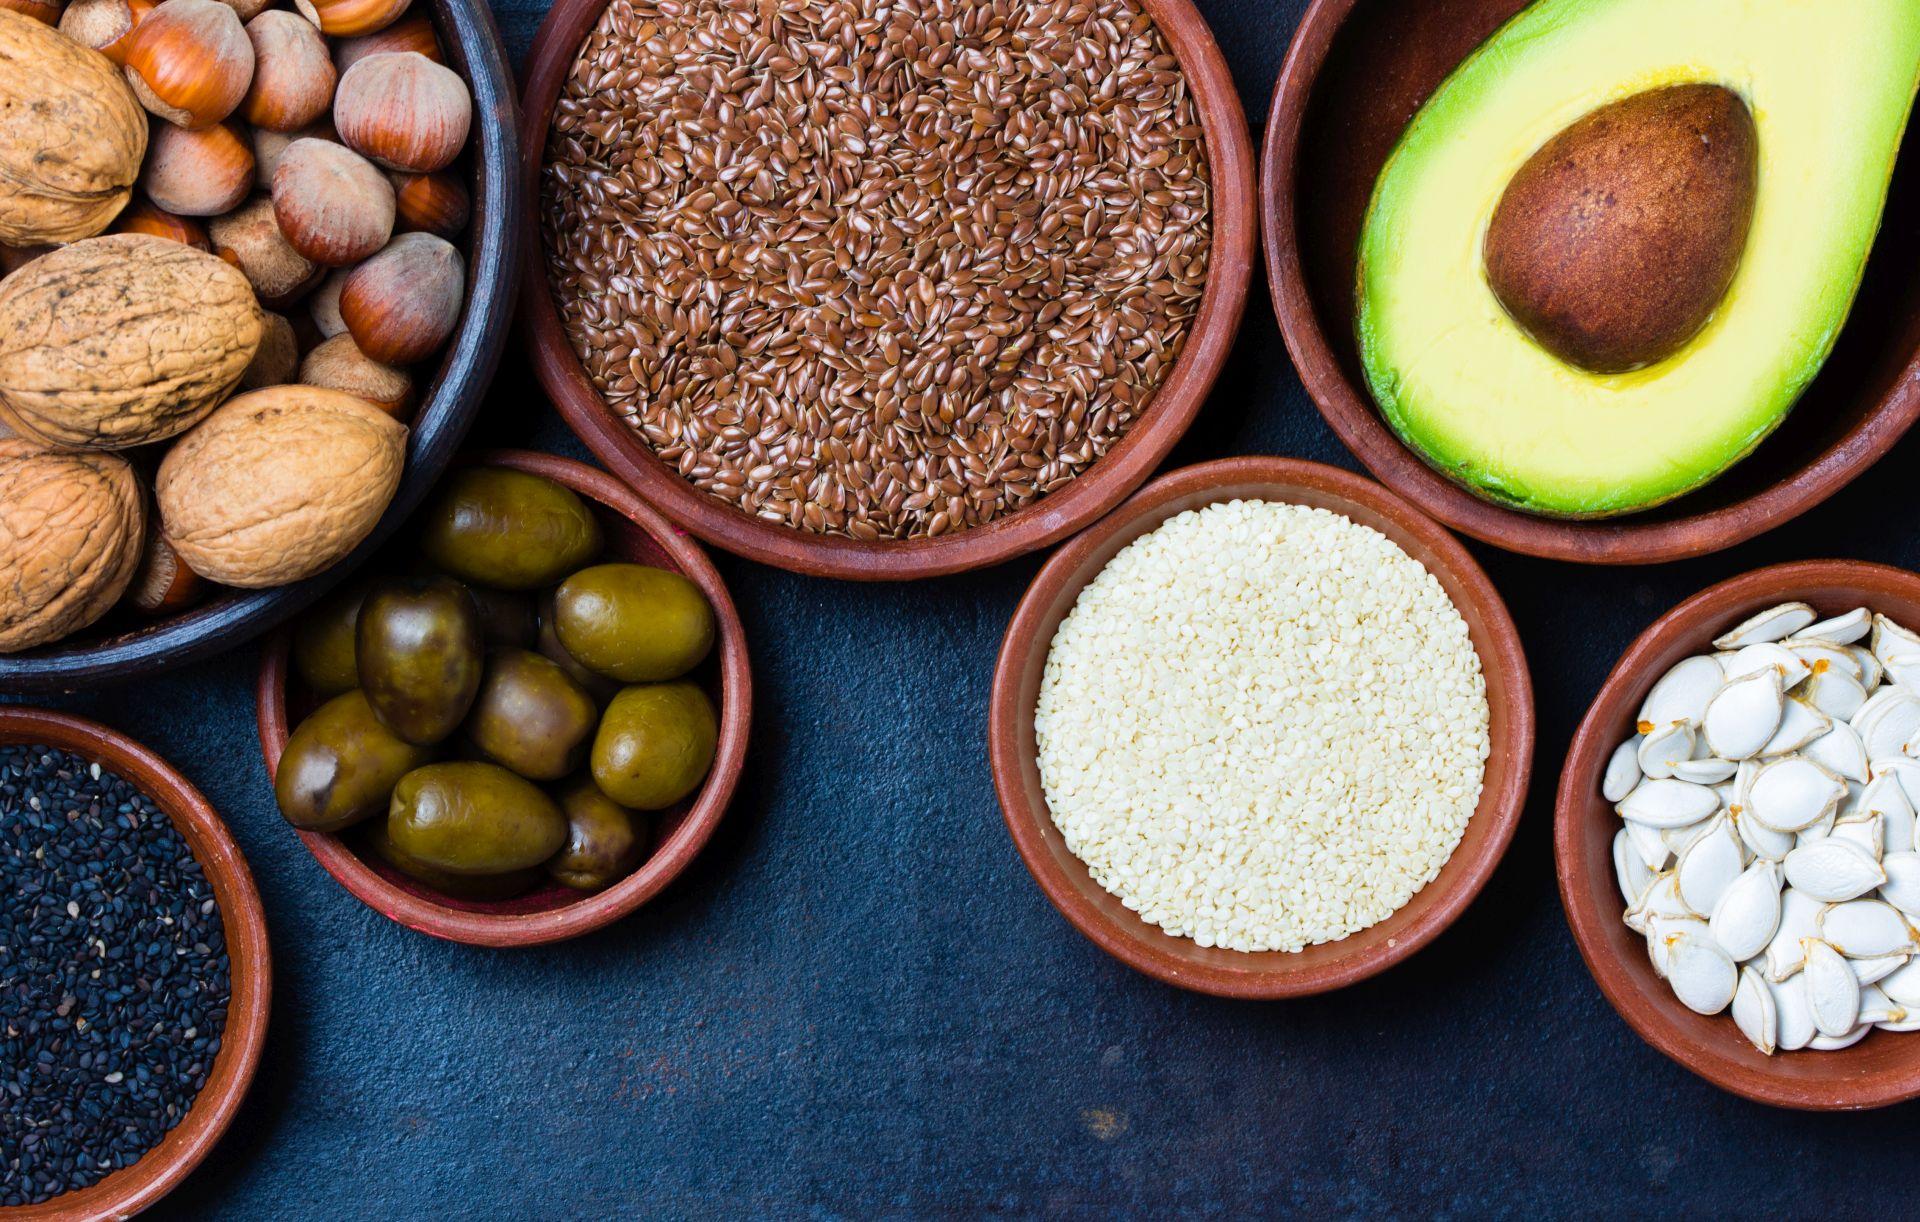 Źródła kwasów Omega-6 to nie tylko oleje roślinne i margaryny, ale także orzechy, pestki awokado - poznaj właściwości kwasów tłuszczowych Omega-6 i Omega-3.